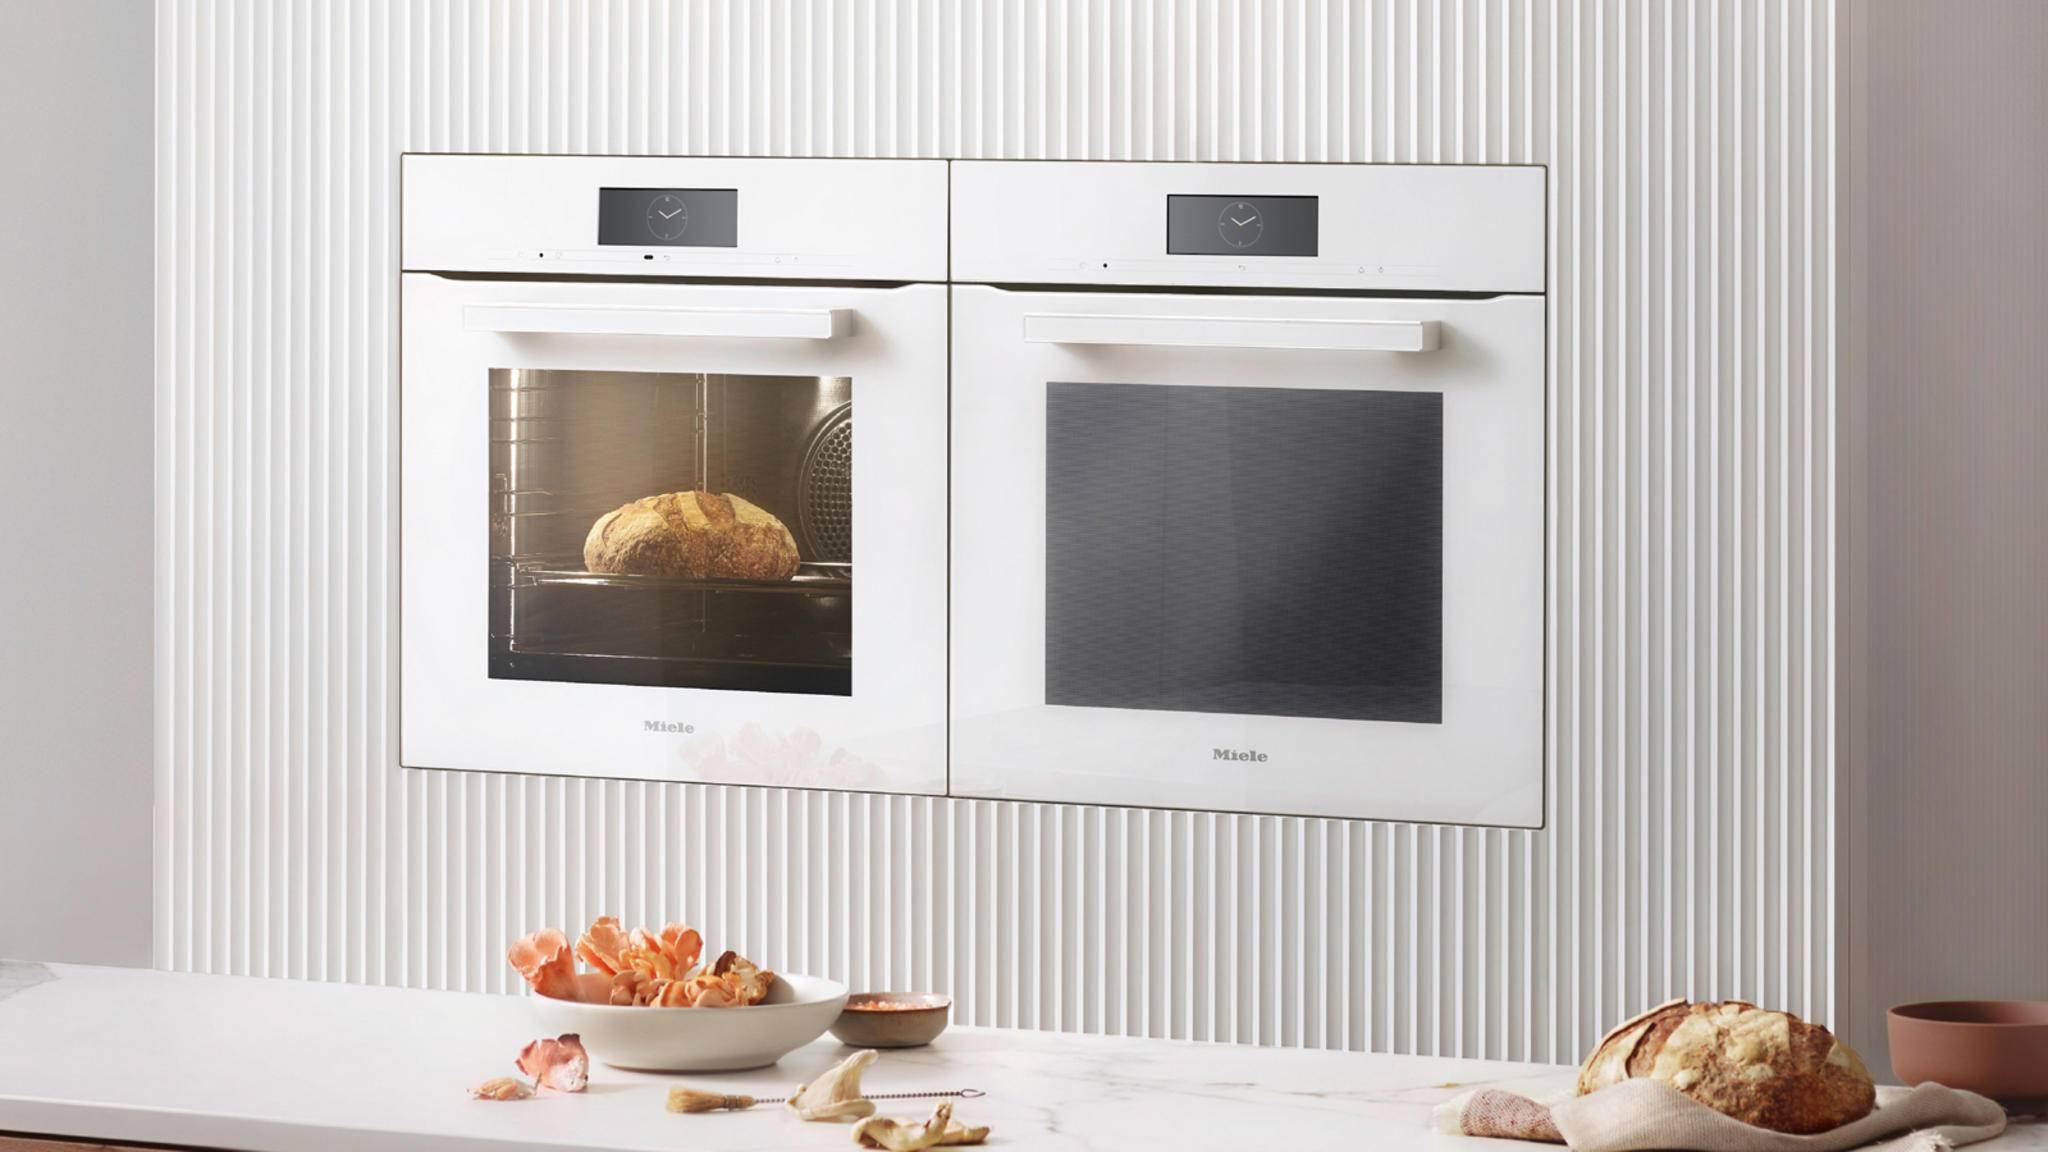 Miele setzt bei den Küchengeräten der neuen Generation 7000 auf smarte Feature und schickes Design.